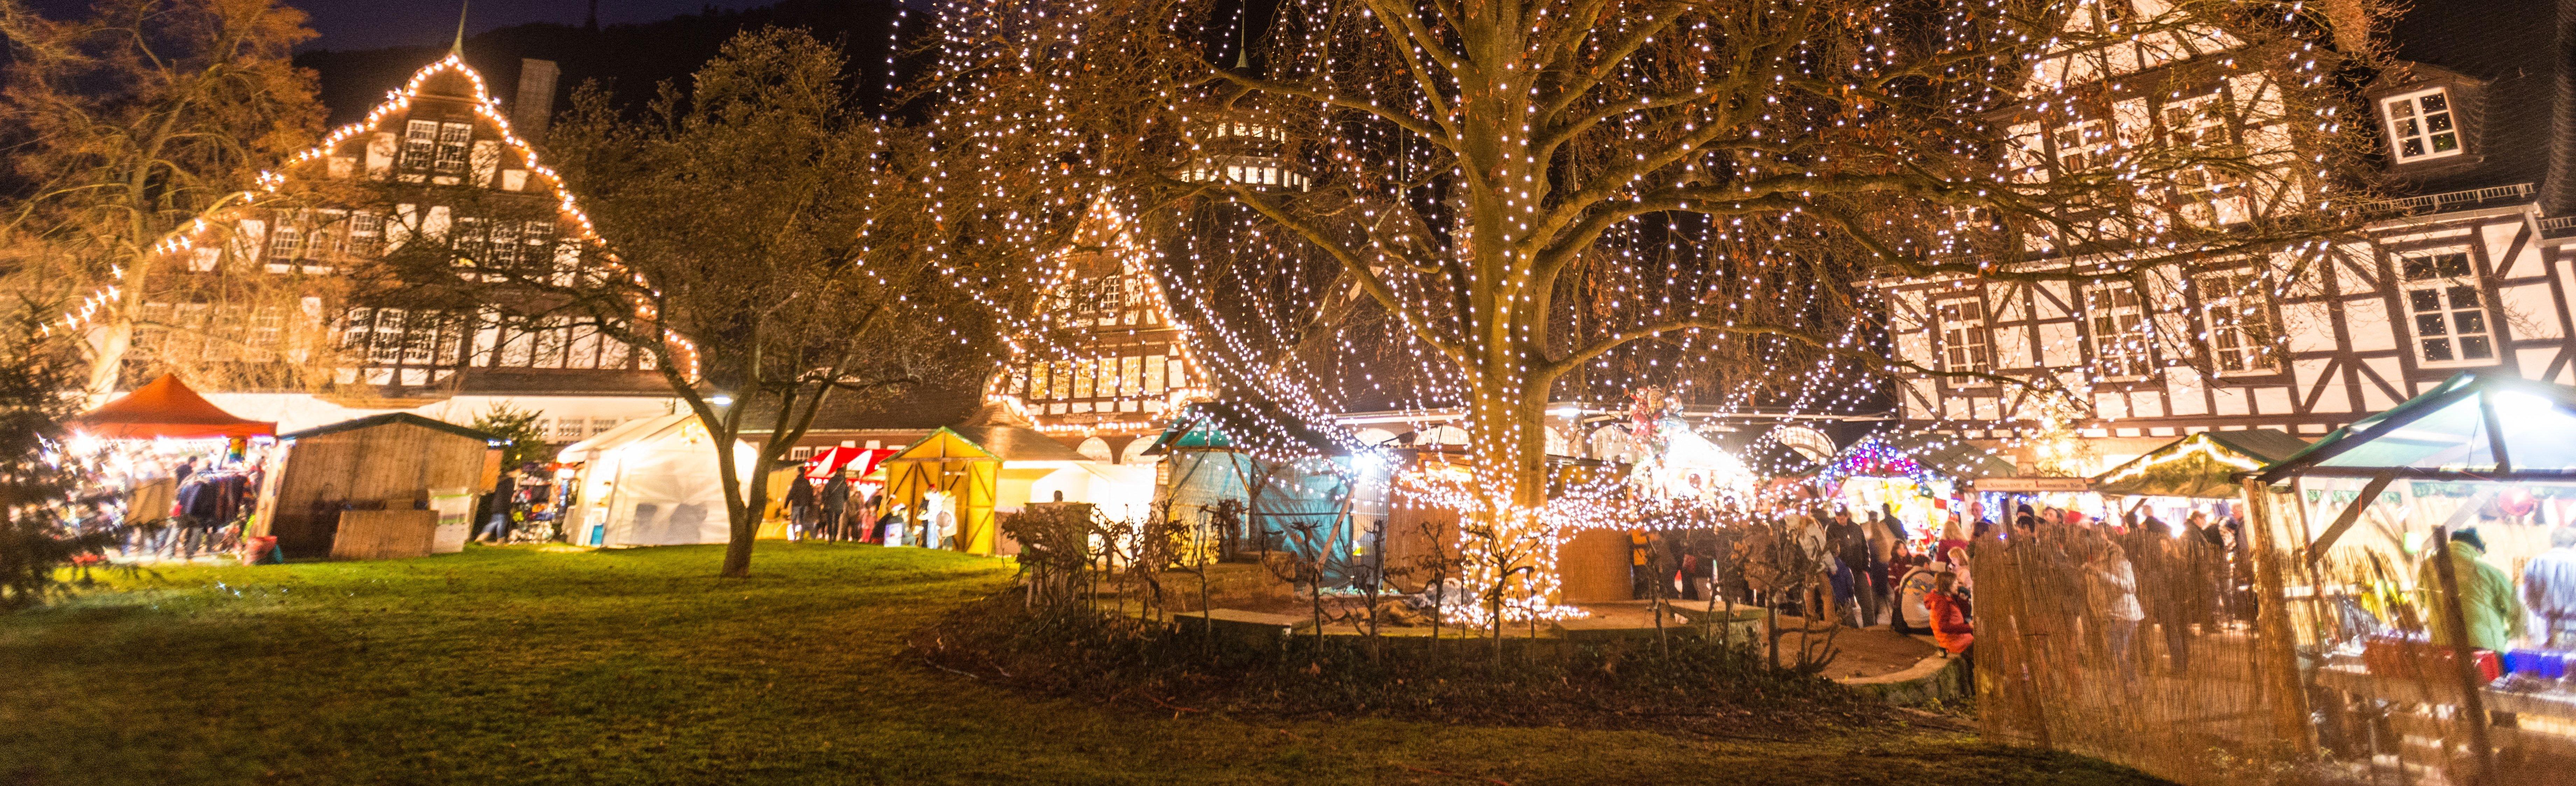 Weihnachtsmarkt in Bad Münster am Stein-Ebernburg, Nahe